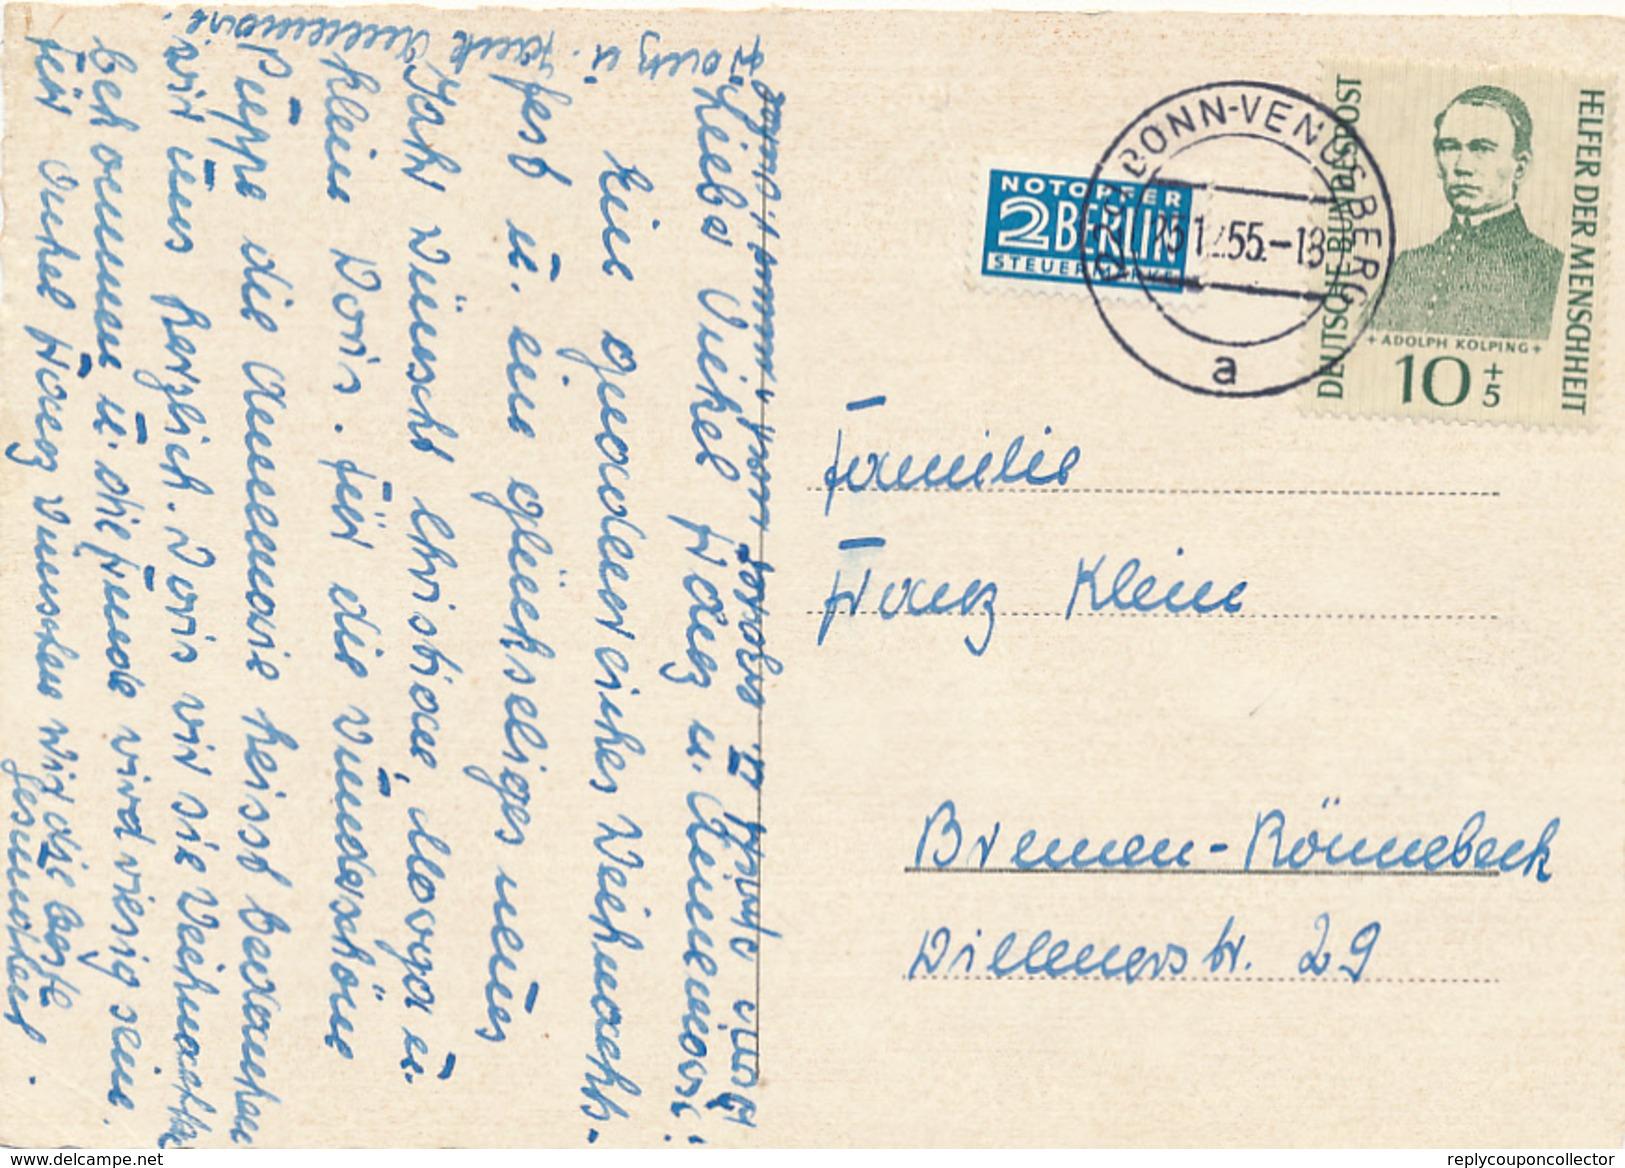 BONN-VENUSBERG - 1955 , Adolf Kolping - BRD